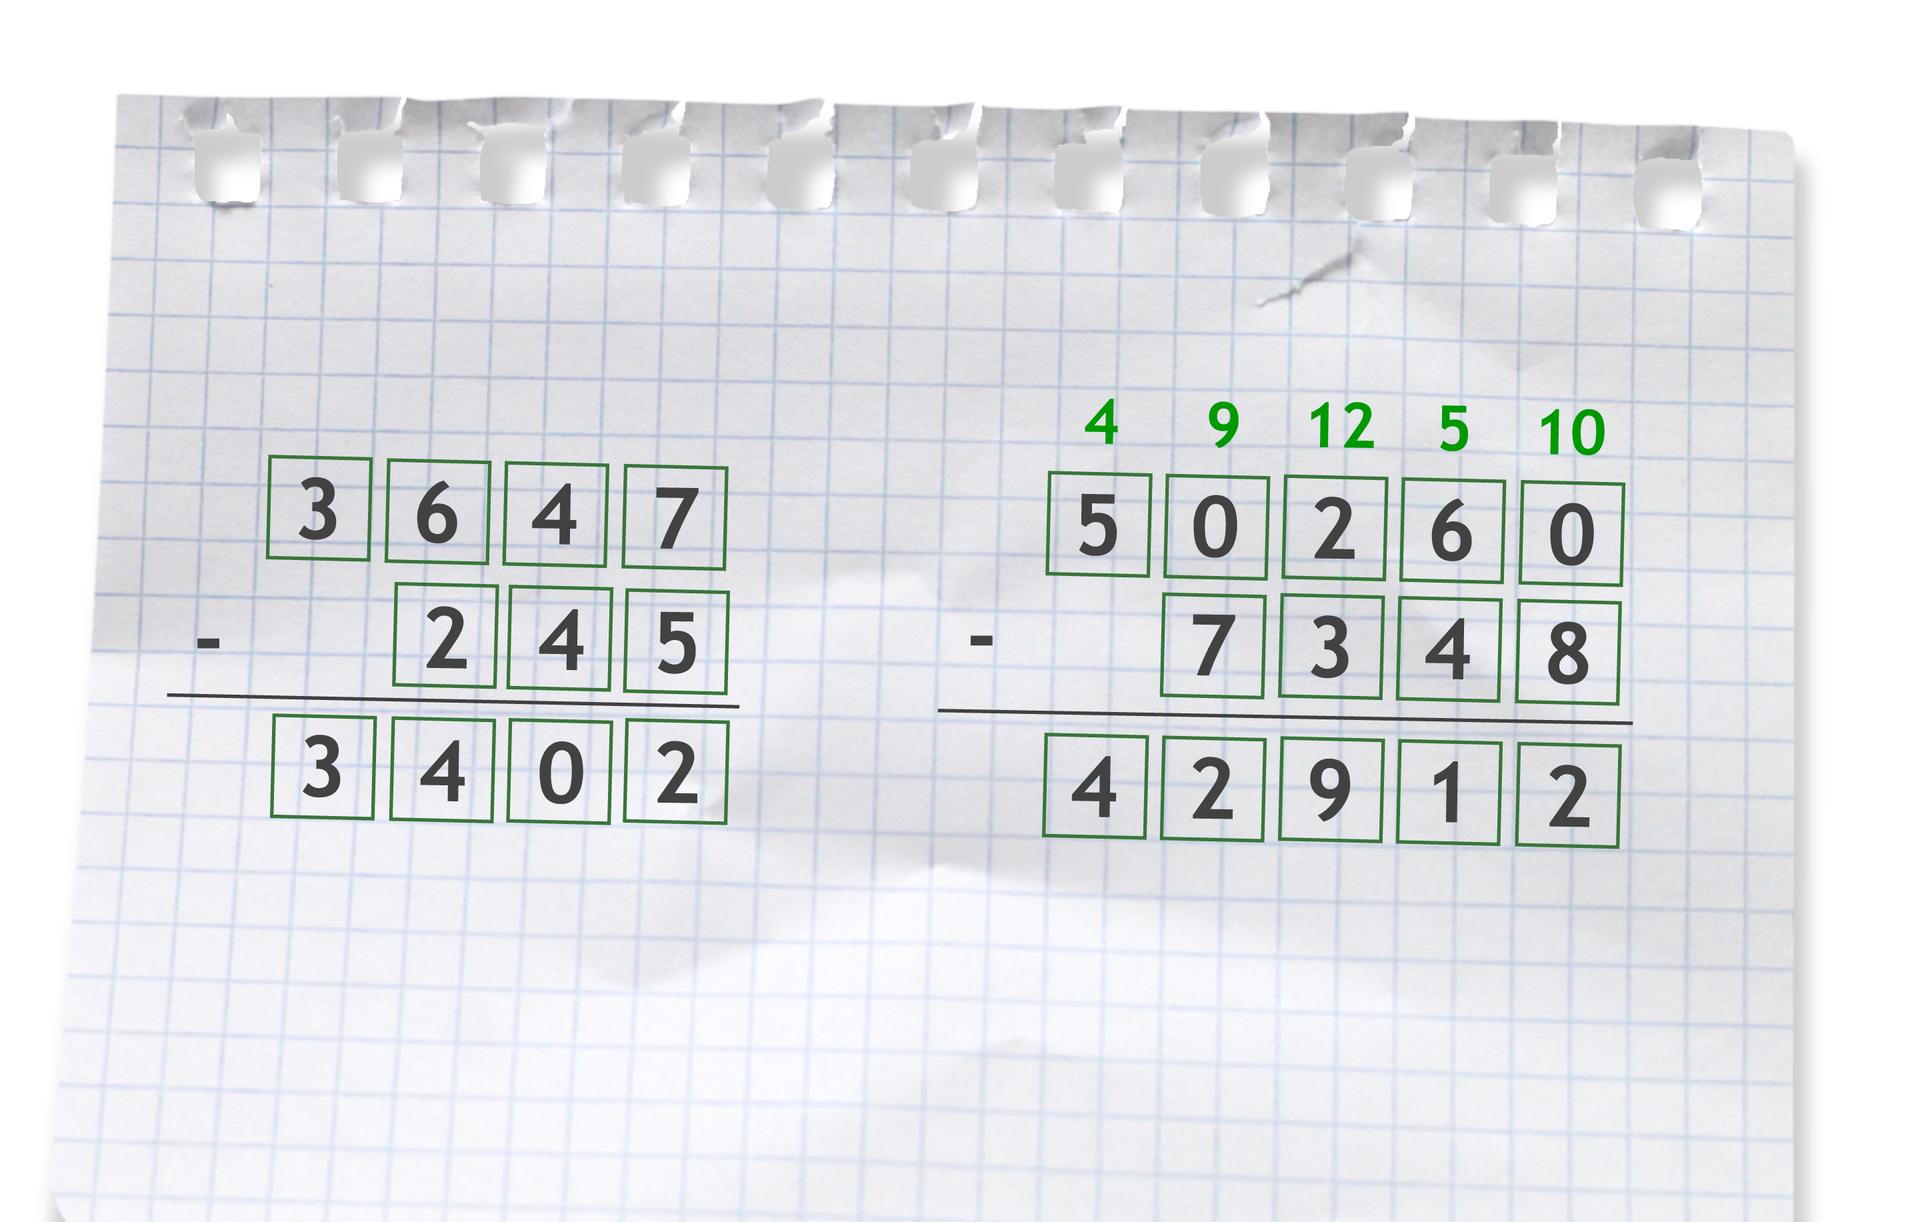 Przykłady dwóch działań pisemnych: pierwszy: 3647 -245 =3402, drugi: 50260 -7348 =42912.